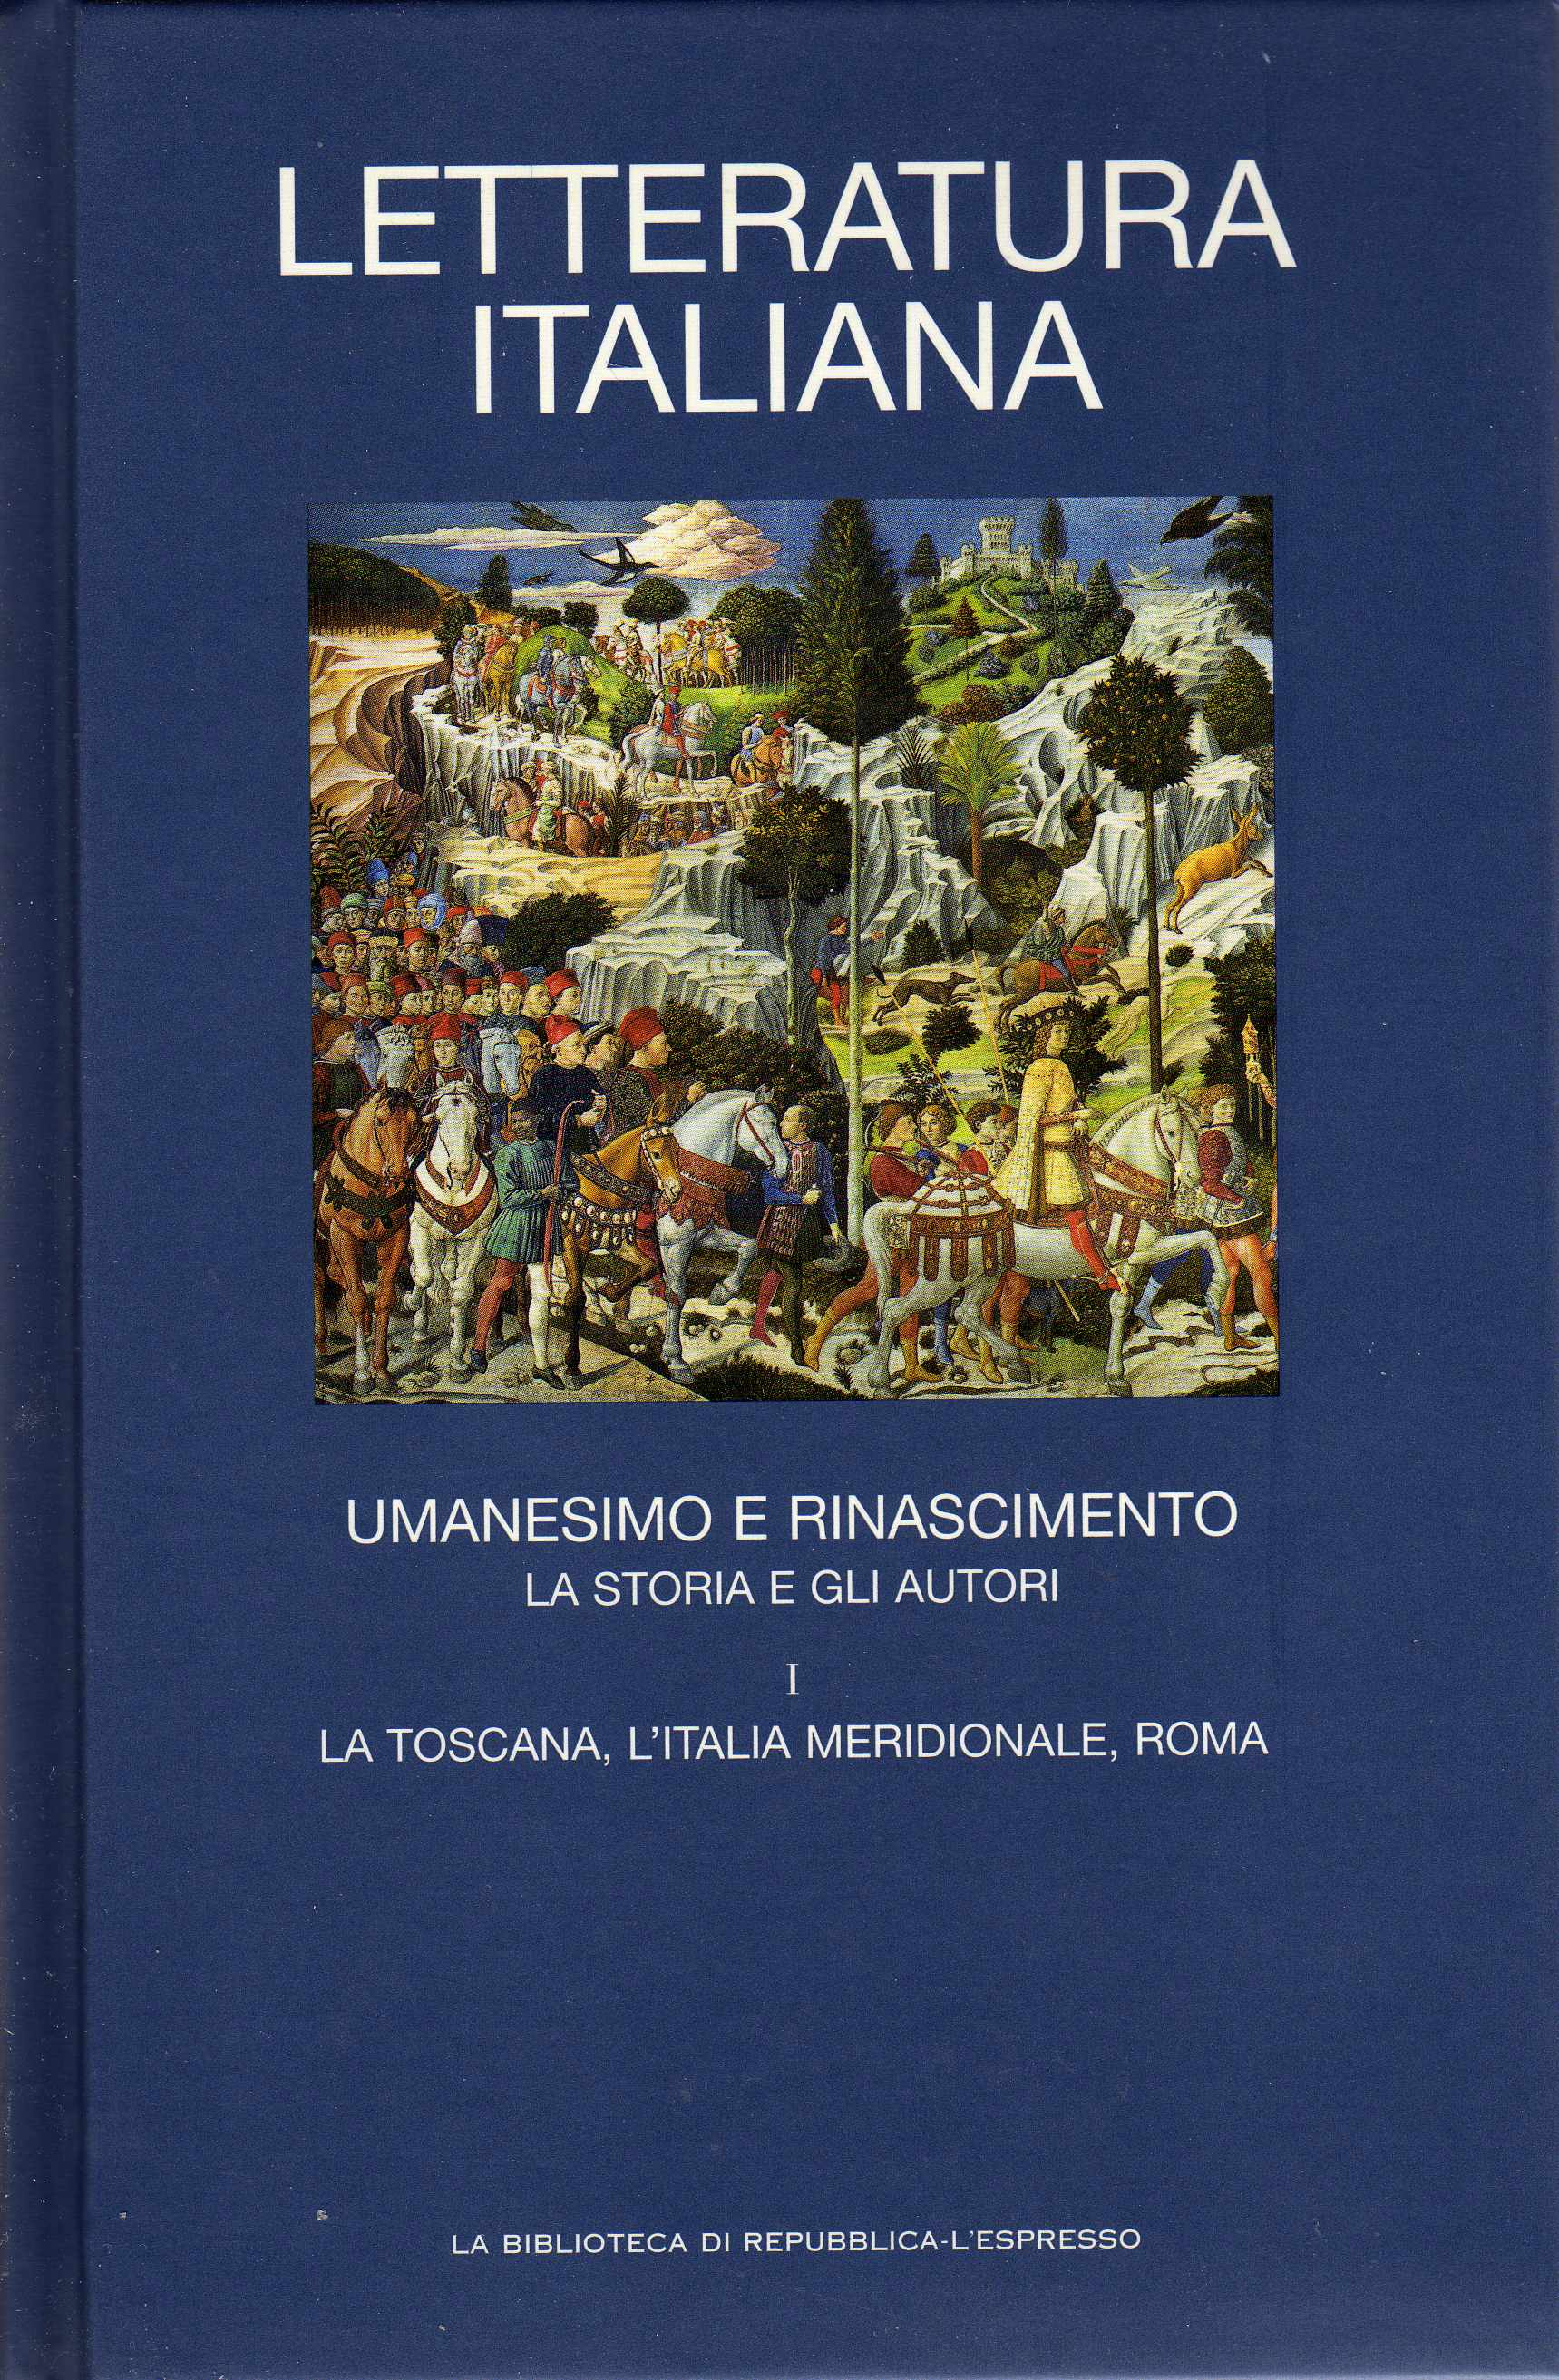 Letteratura italiana - Vol. 3